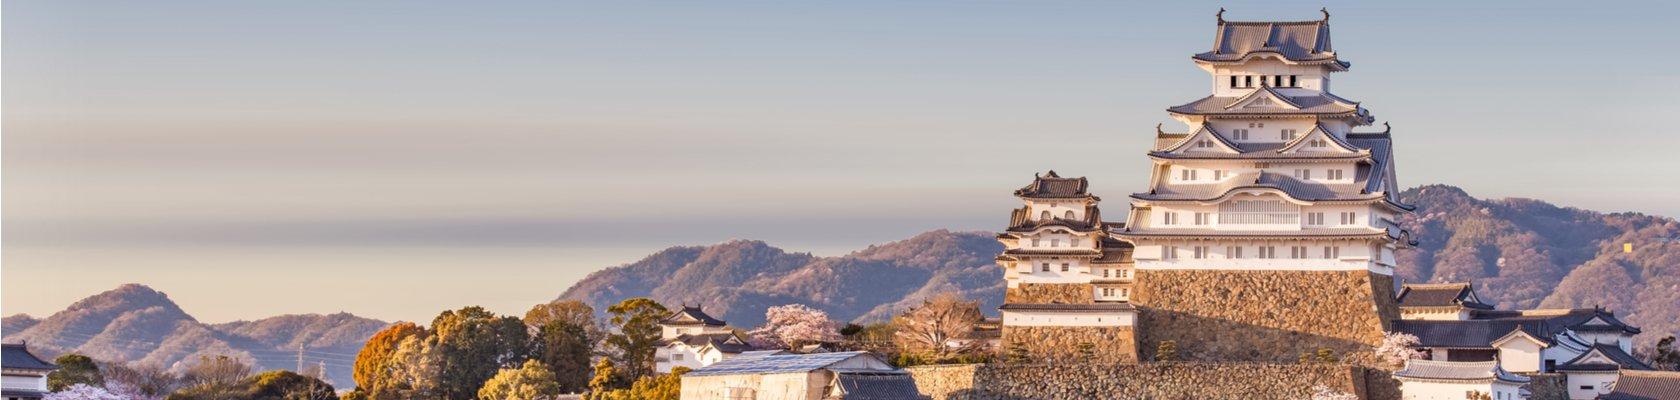 Kasteel van Himeji